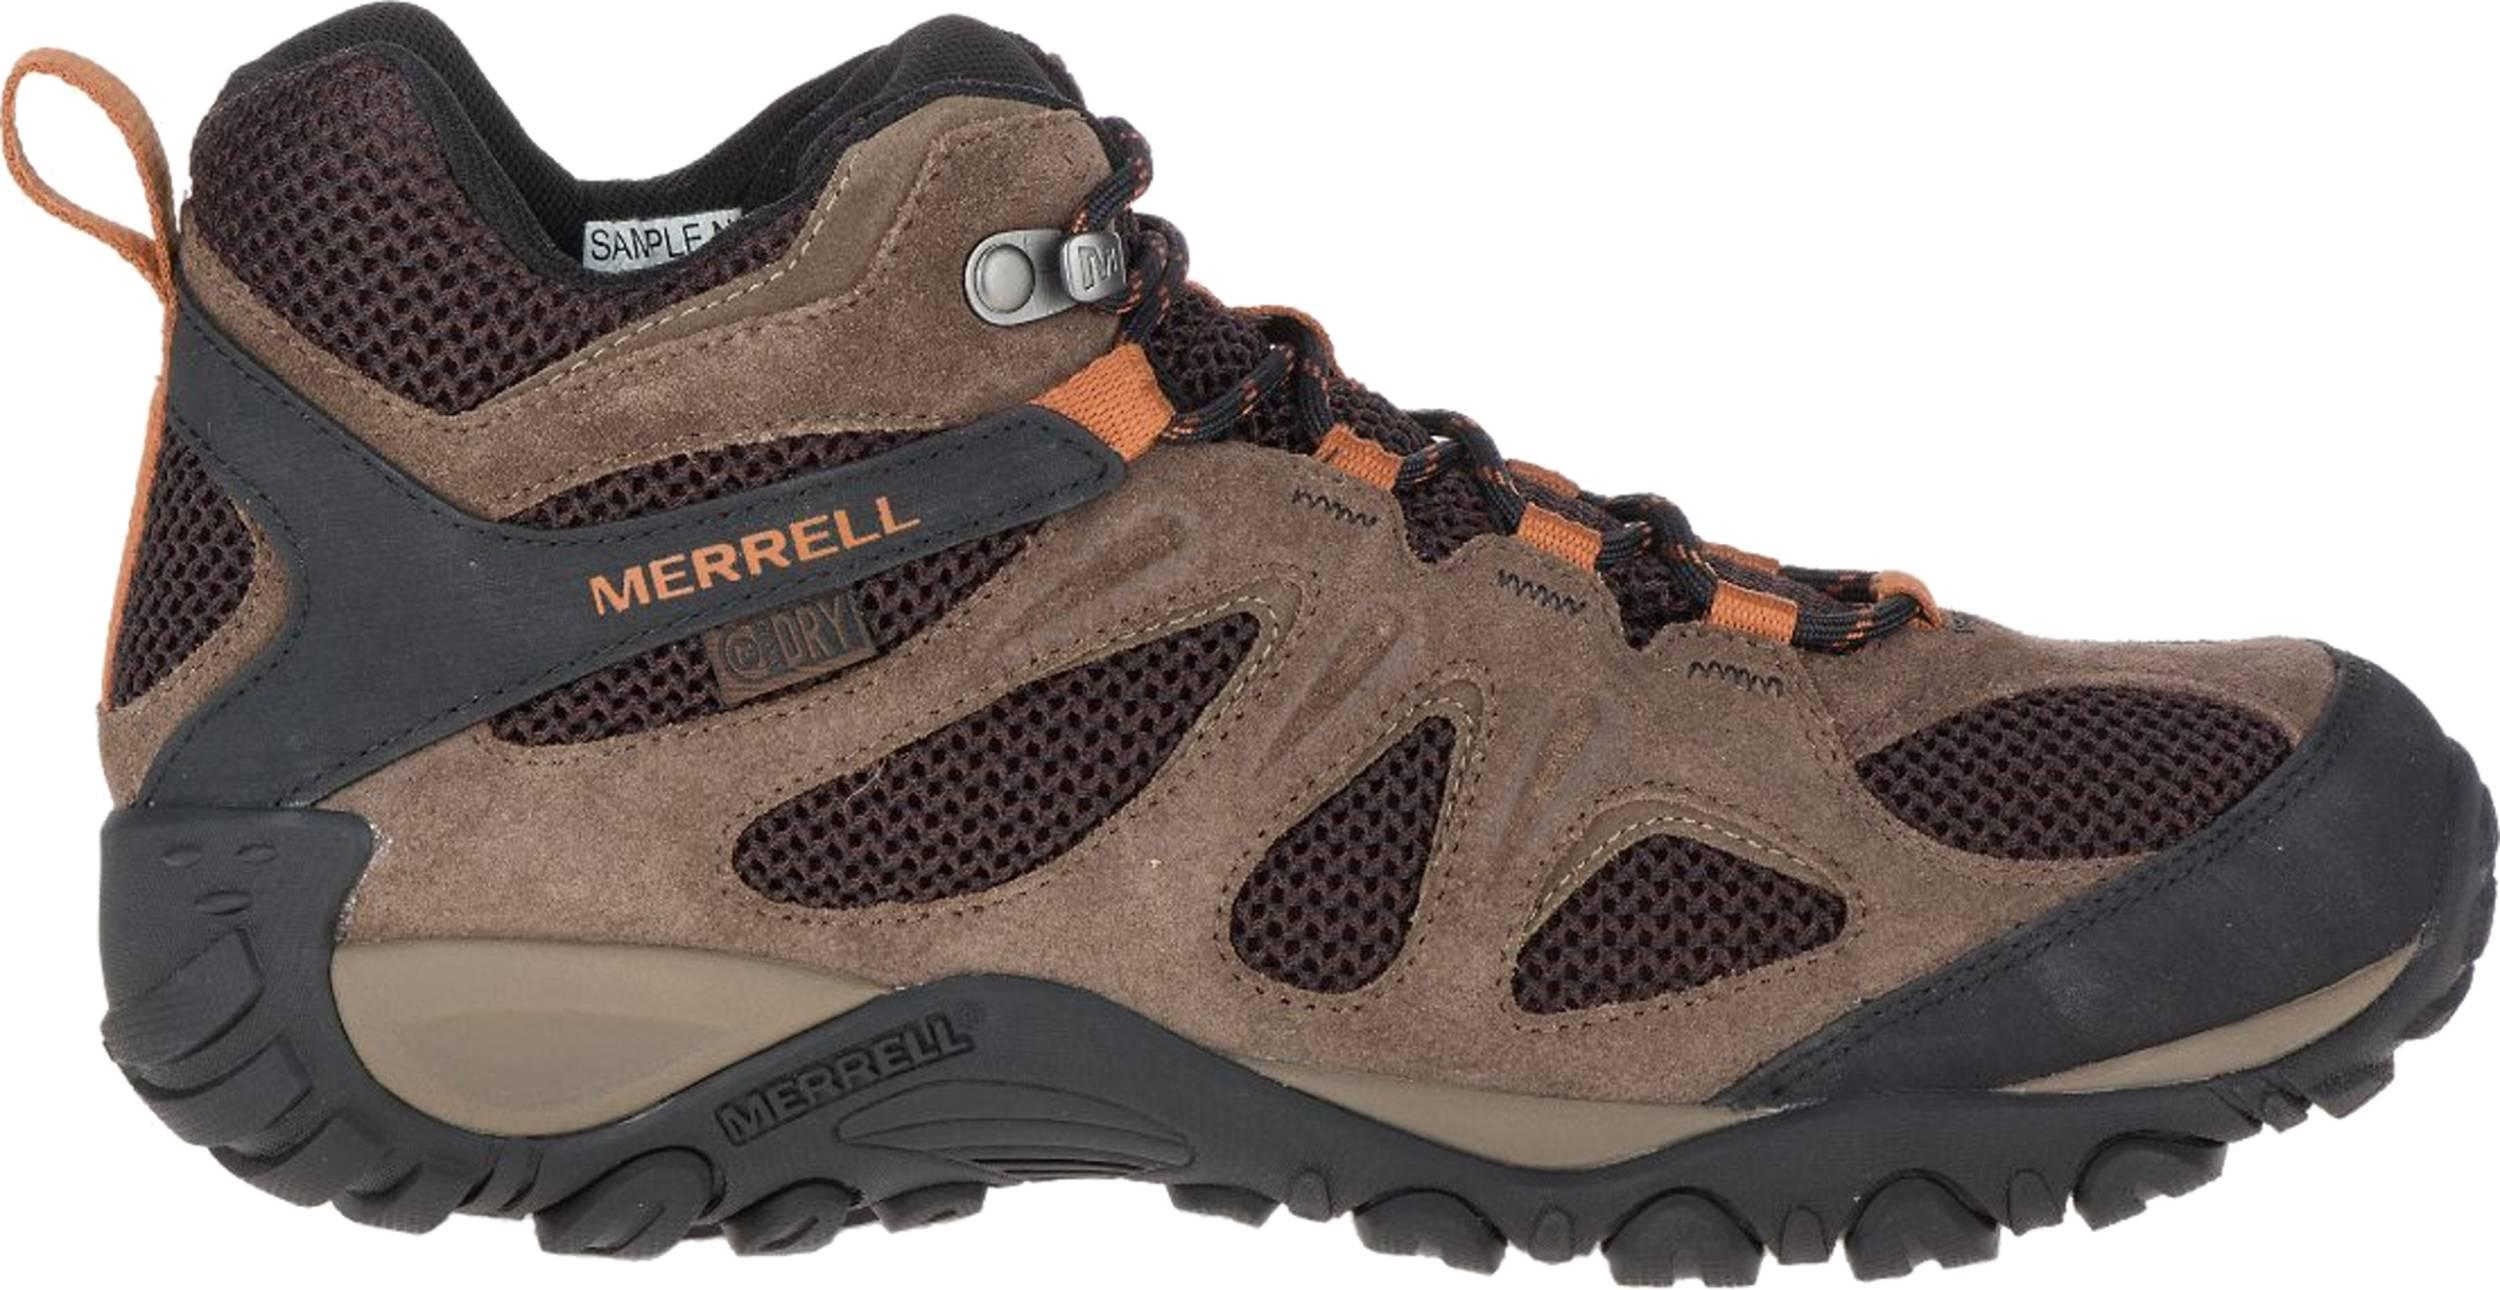 Merrell Yokota 2 Mid Waterproof